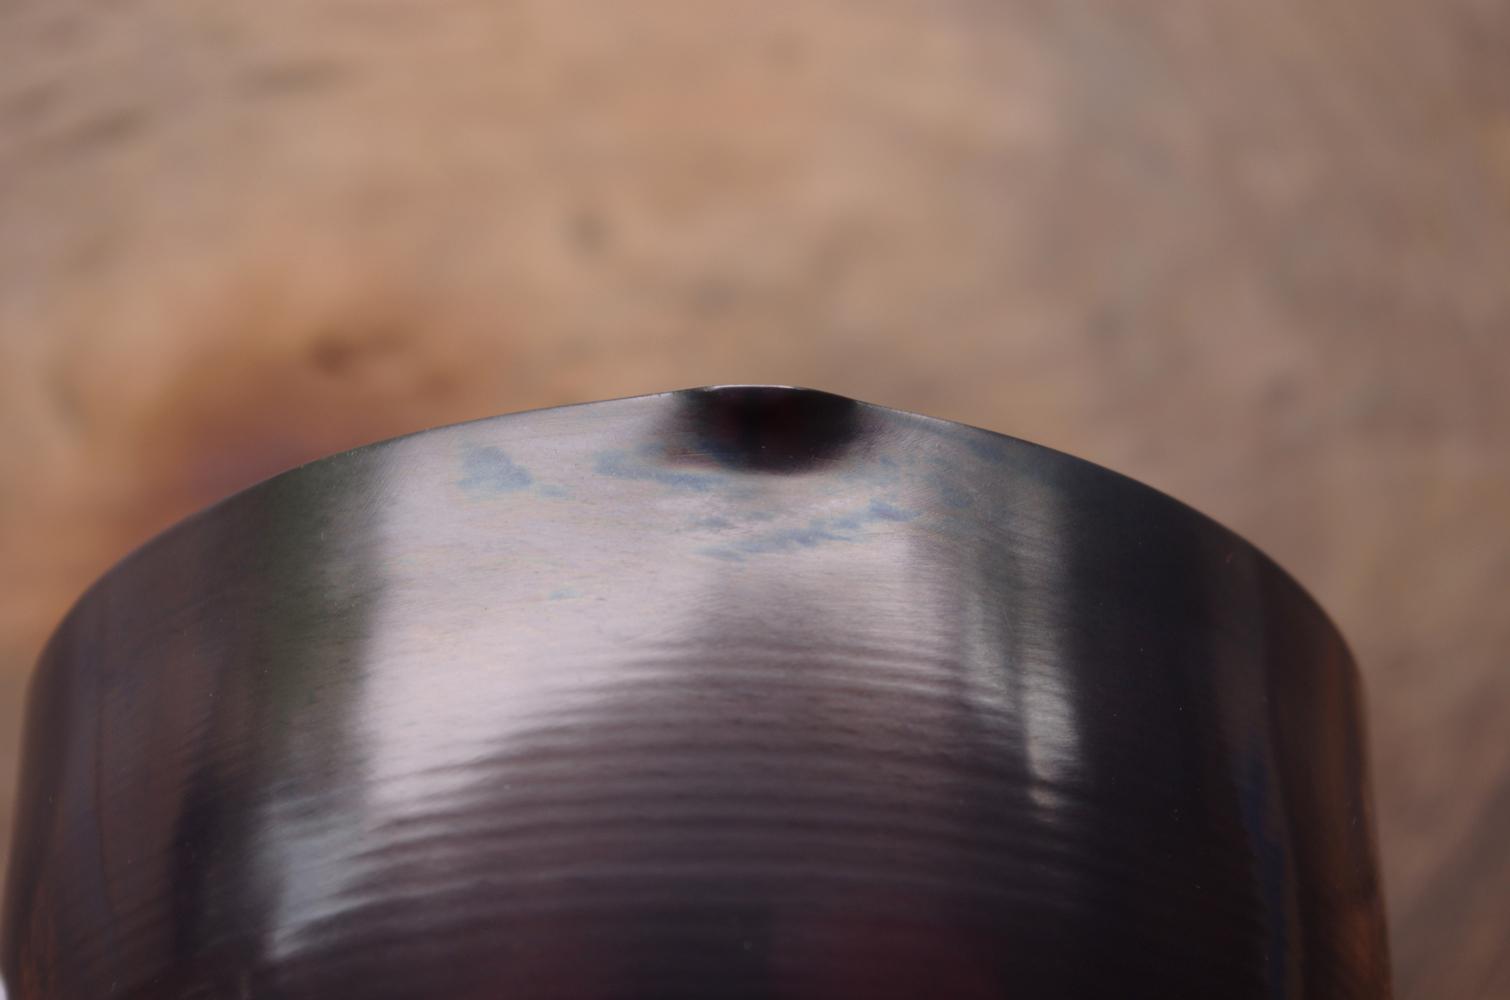 銅の片口-4